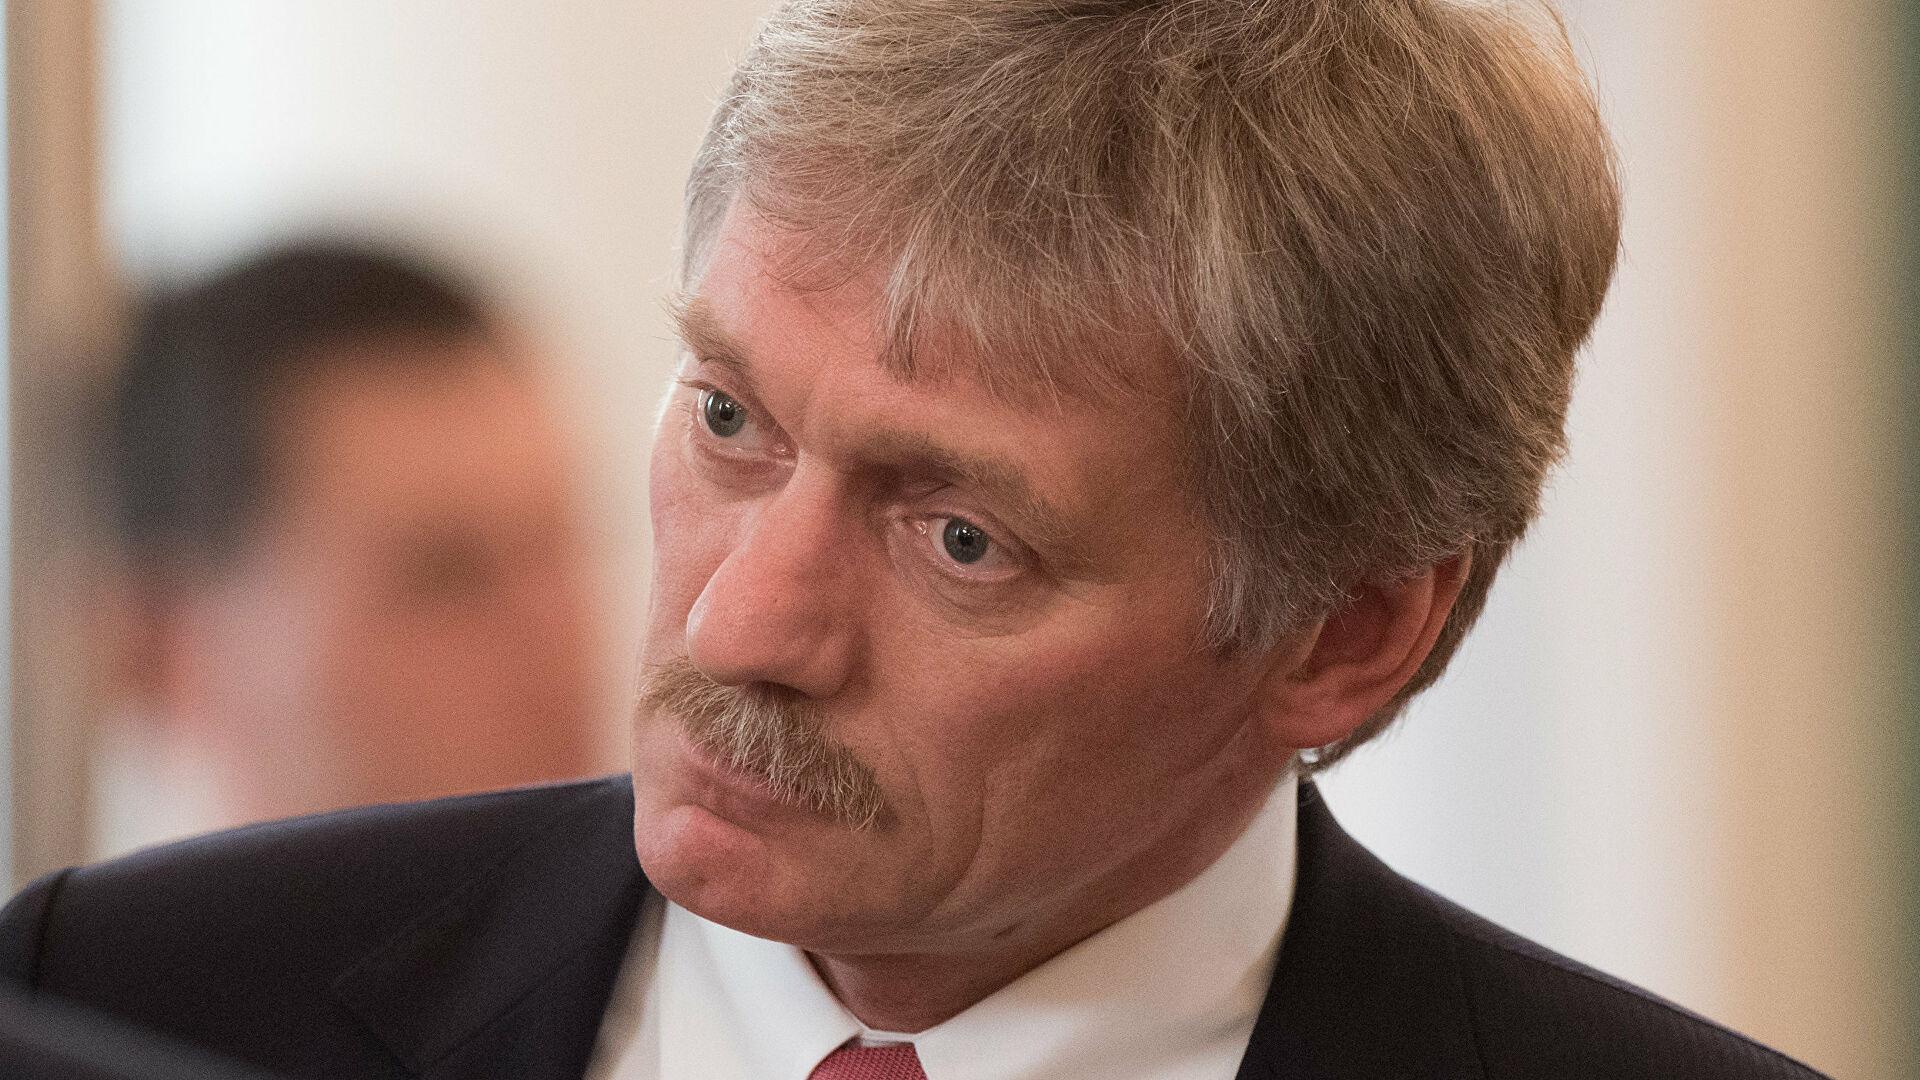 Песков: Путин спреман да се састане са Зеленским, али камен спотицања је неспремност Кијева да реализује Минске споразуме